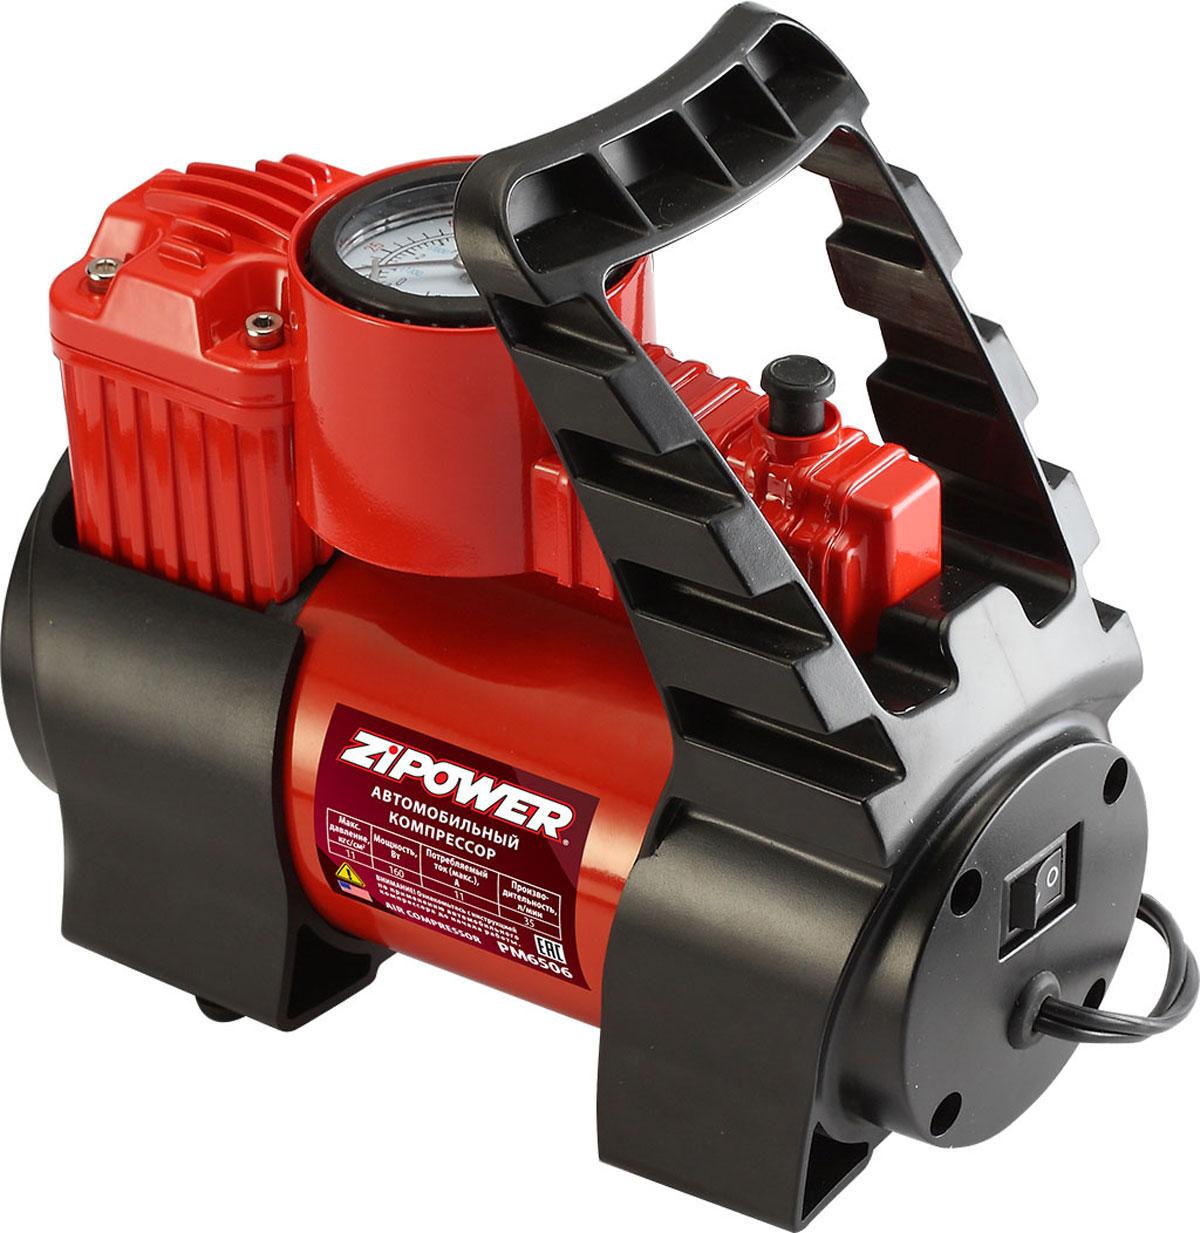 Компрессор автомобильный Zipower, с манометром. PM 6506 компрессор автомобильный zipower с манометром pm 6505